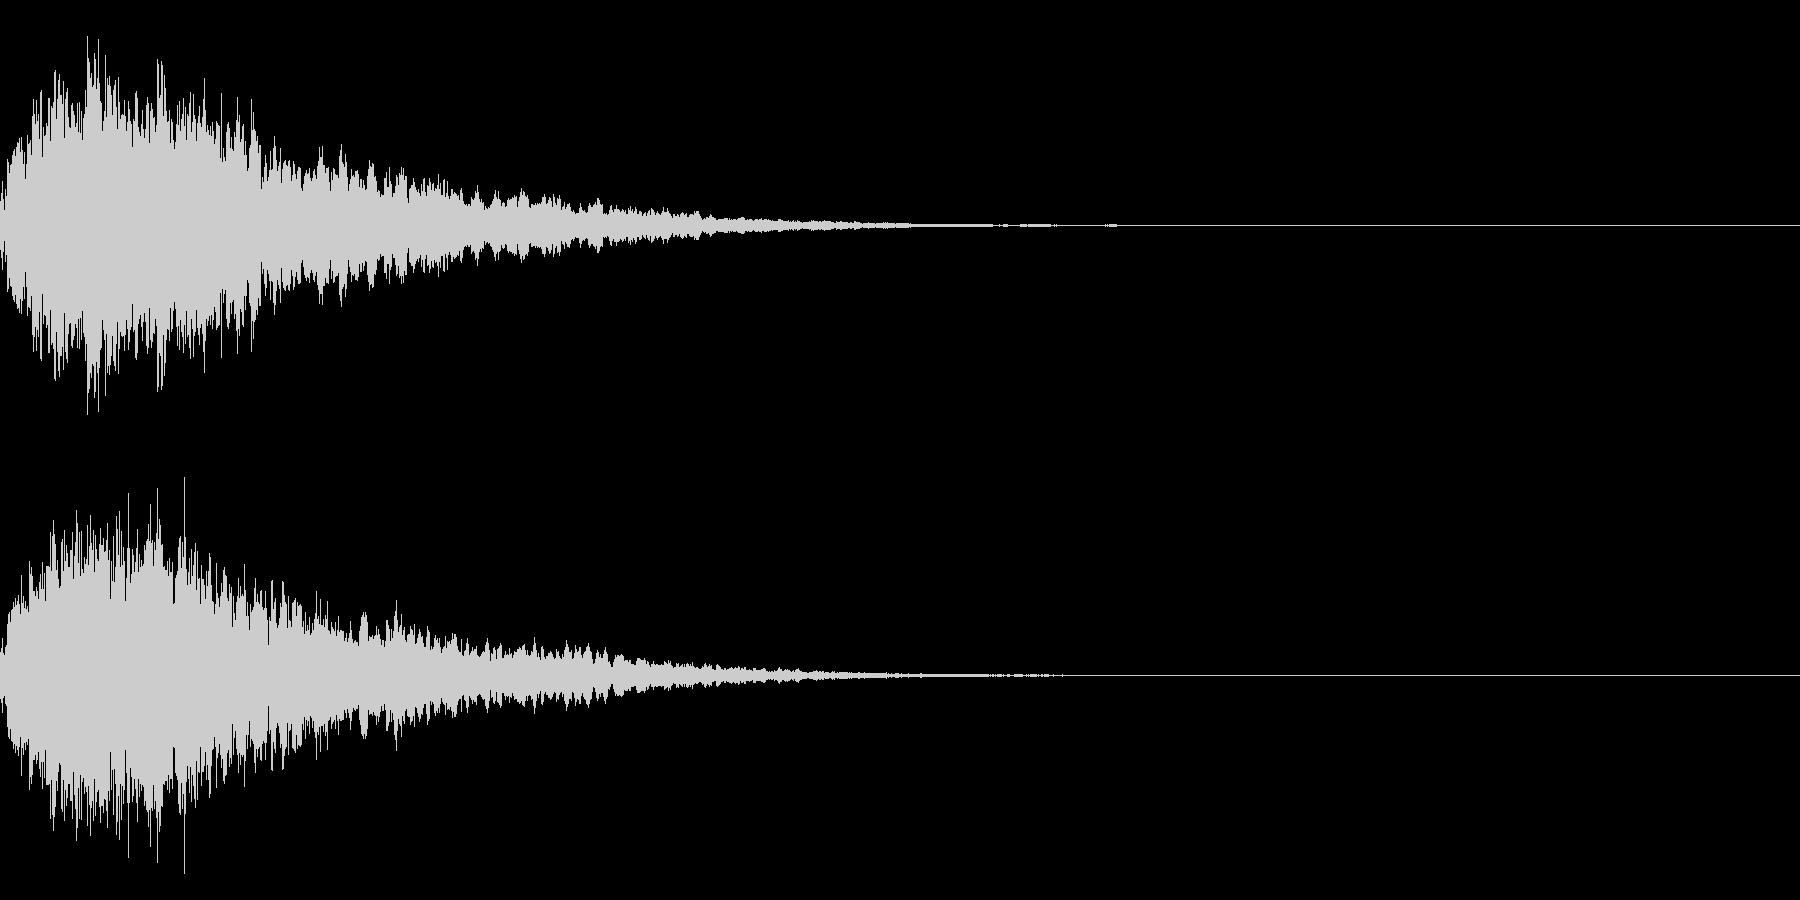 キラキラ輝く テロップ音 ボタン音!2bの未再生の波形